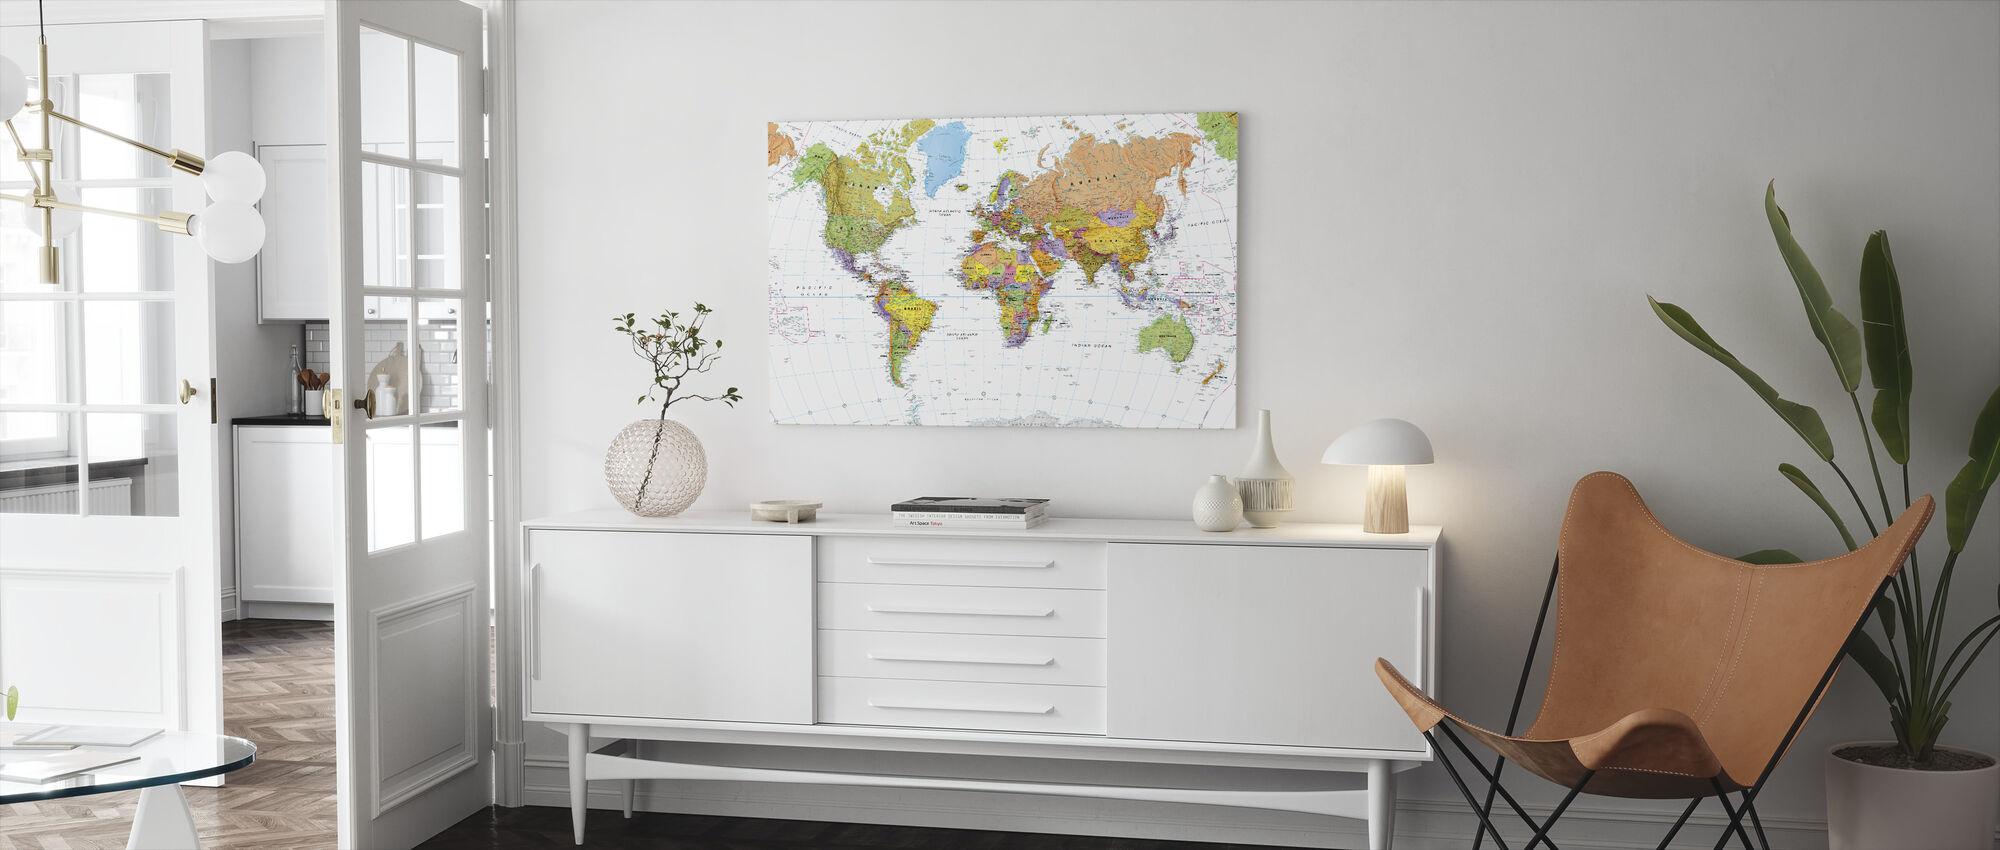 Politisk verdenskart - Lerretsbilde - Stue